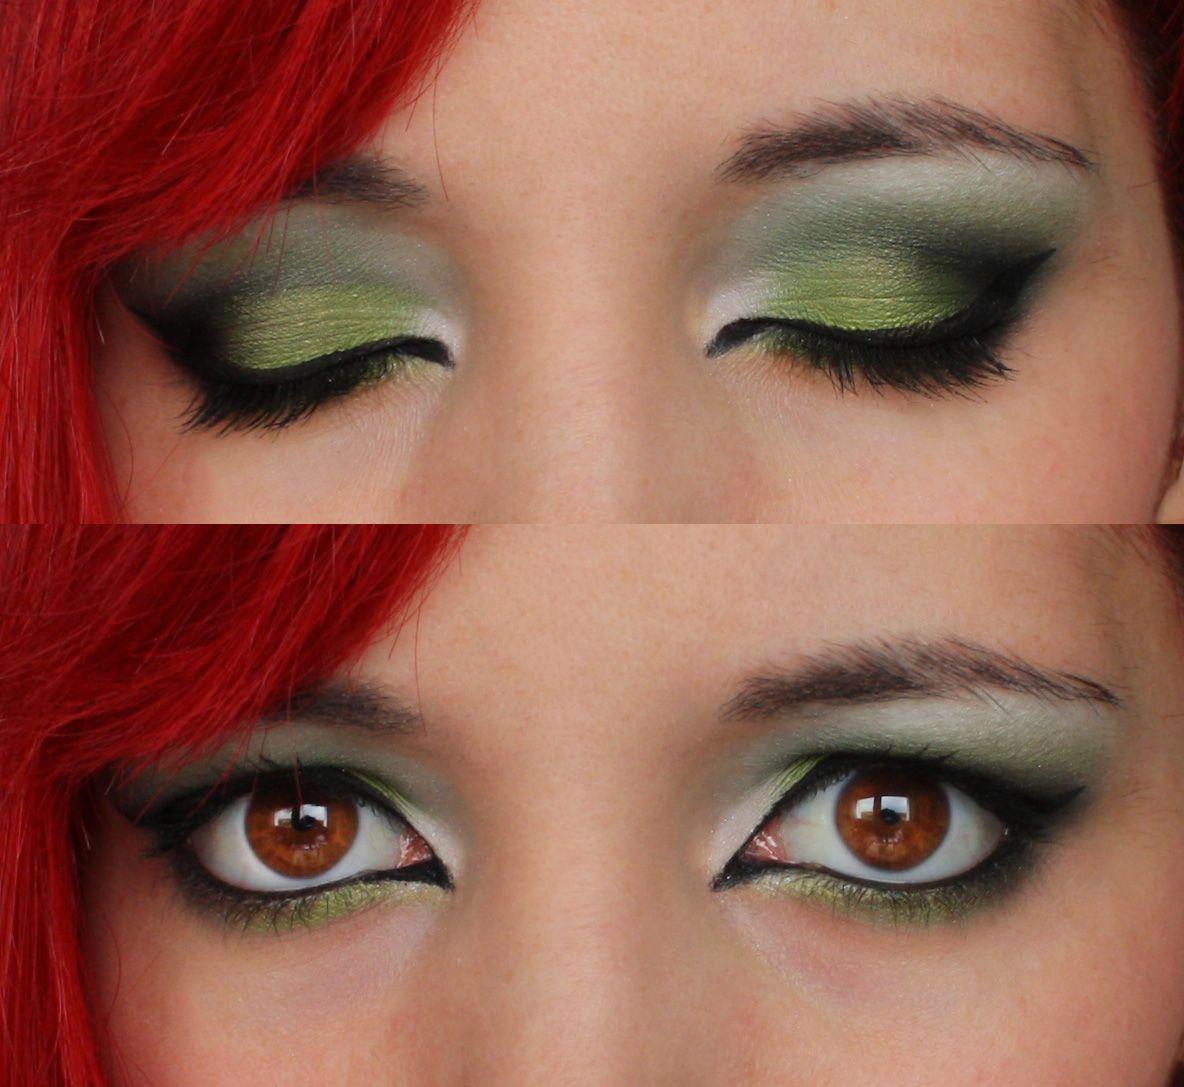 Poison Ivy Makeup Tutorial Makeup Geek Poison Ivy Makeup Poison Ivy Costumes Makeup Geek